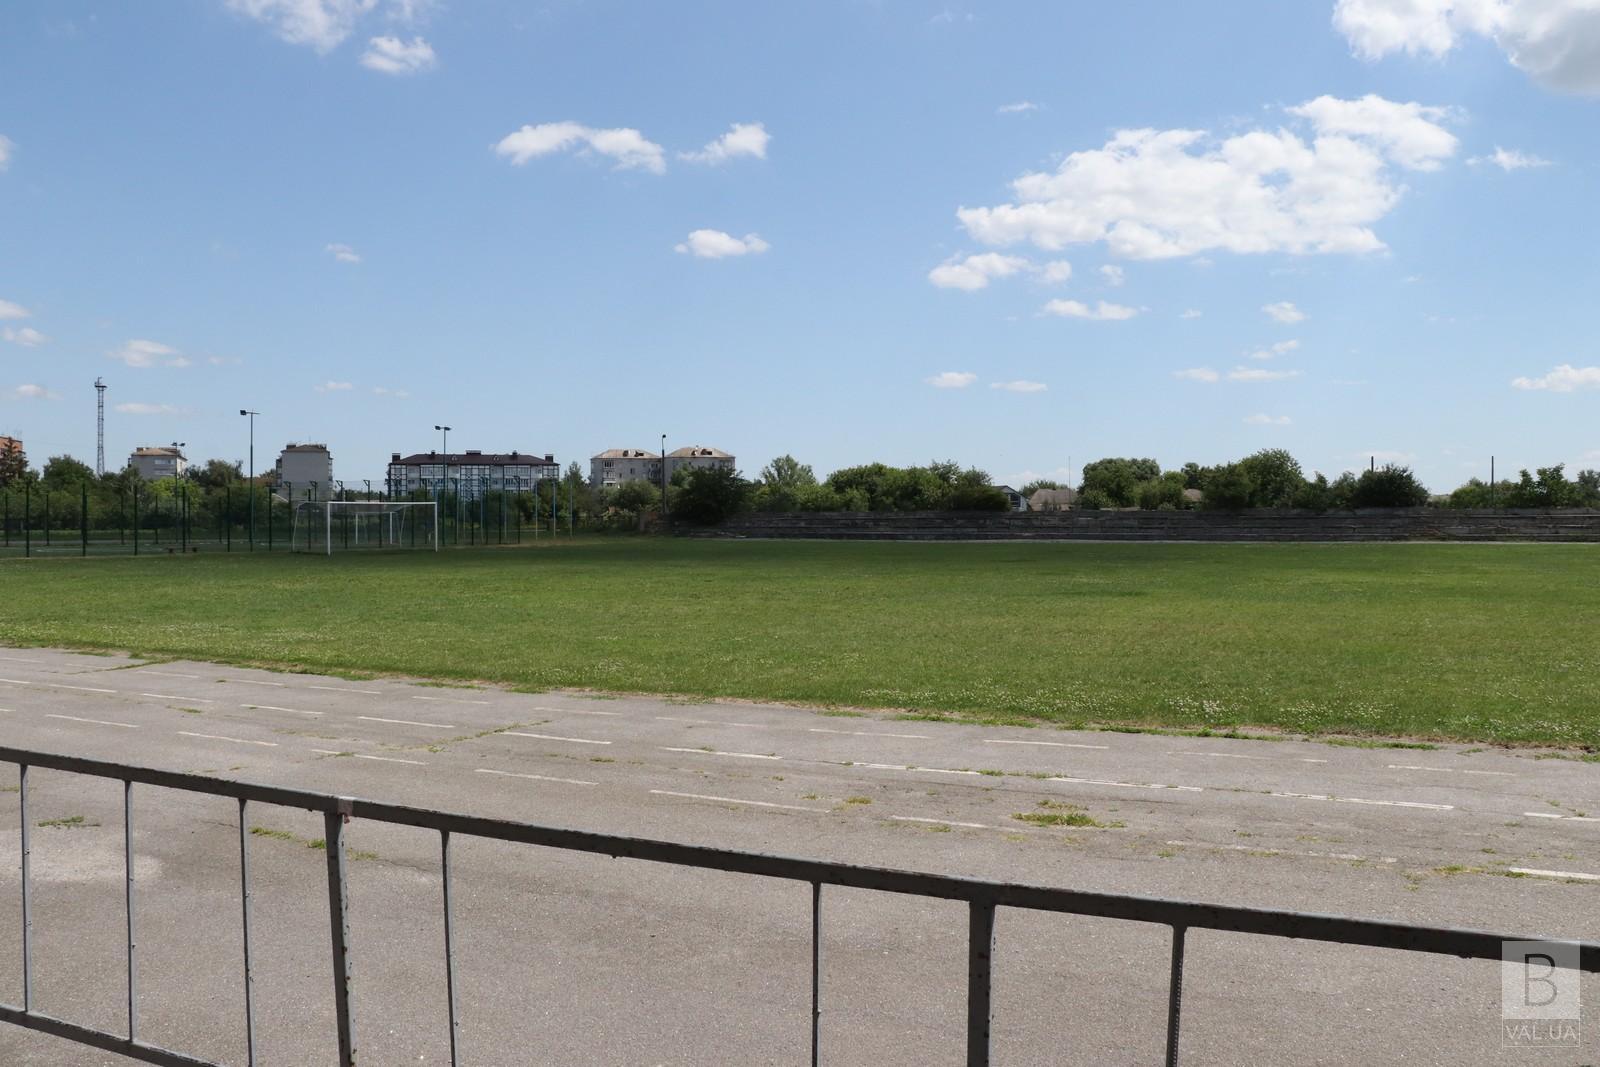 Вартість проєкту — 8,5 мільйонів гривень: незабаром у Носівці ремонтуватимуть стадіон